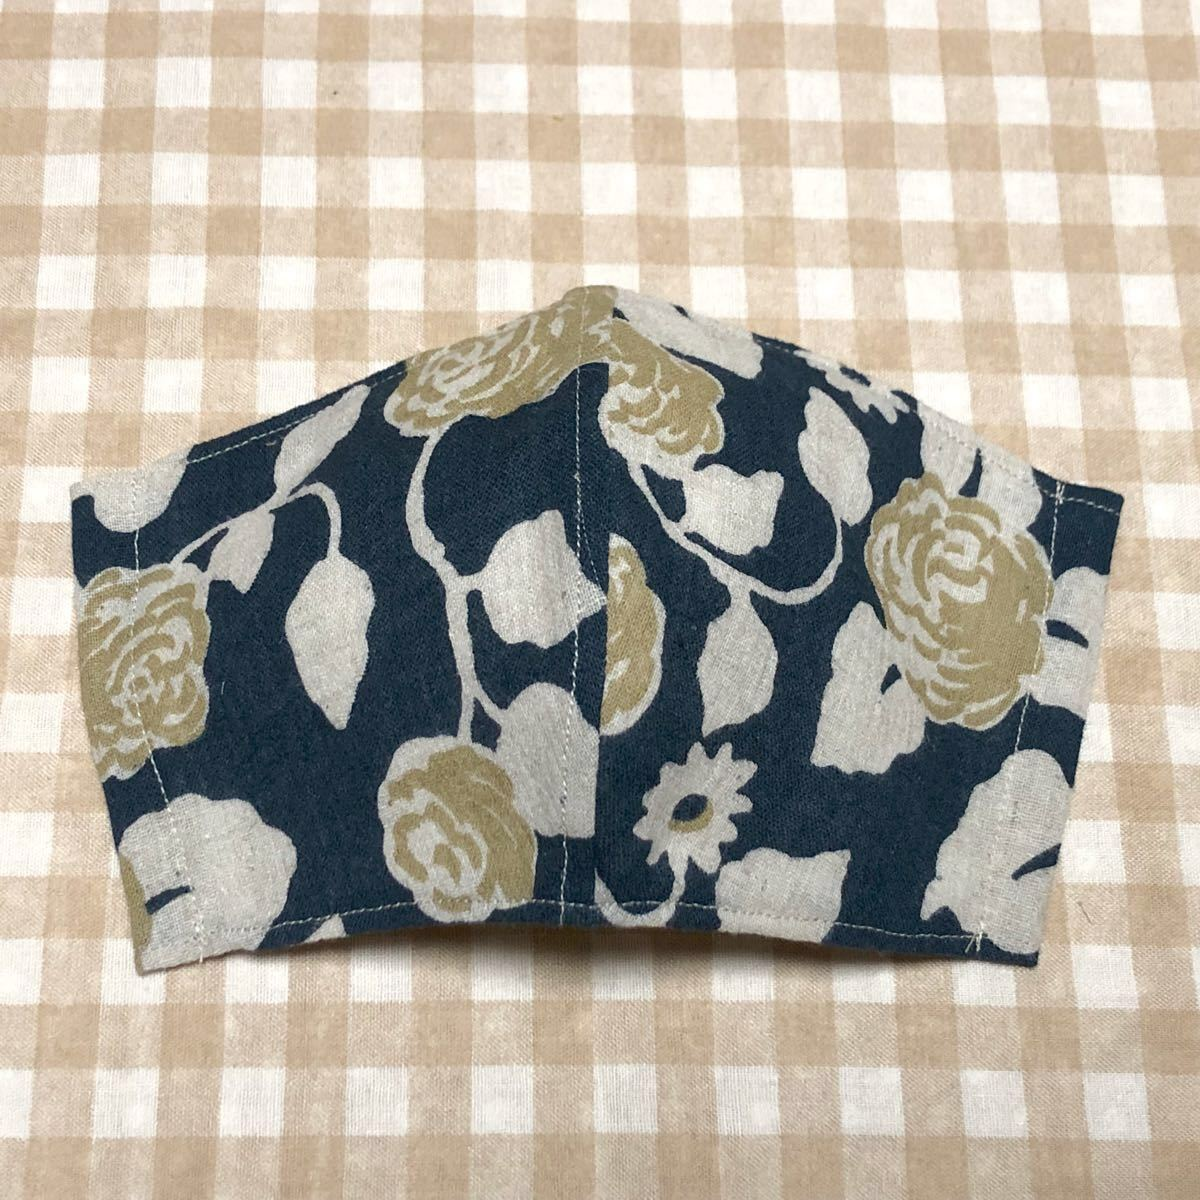 ★ハンドメイド・ネイビー系×大きな〜花柄・立体インナーカバー×1枚(ポケット付)